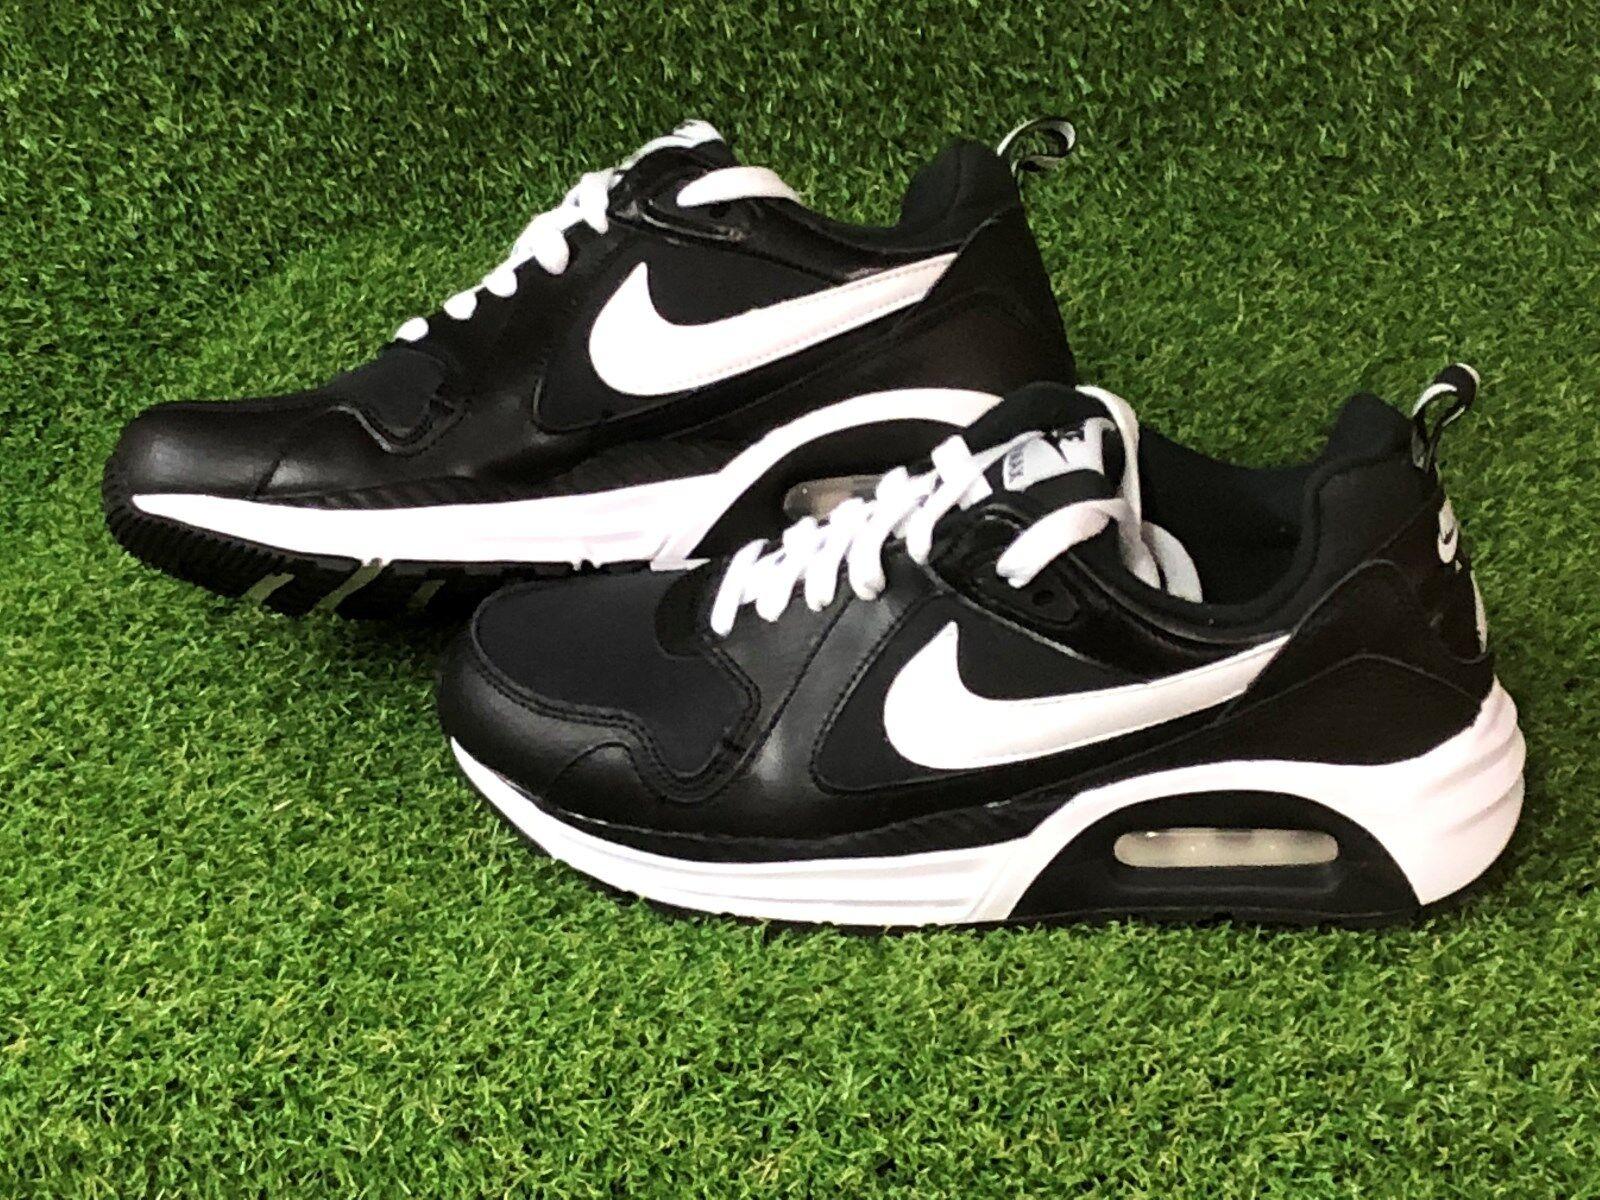 Nike Air Max Max Max Trax GS cortos zapatos  nuevo tamaño elegir  Envíos y devoluciones gratis.